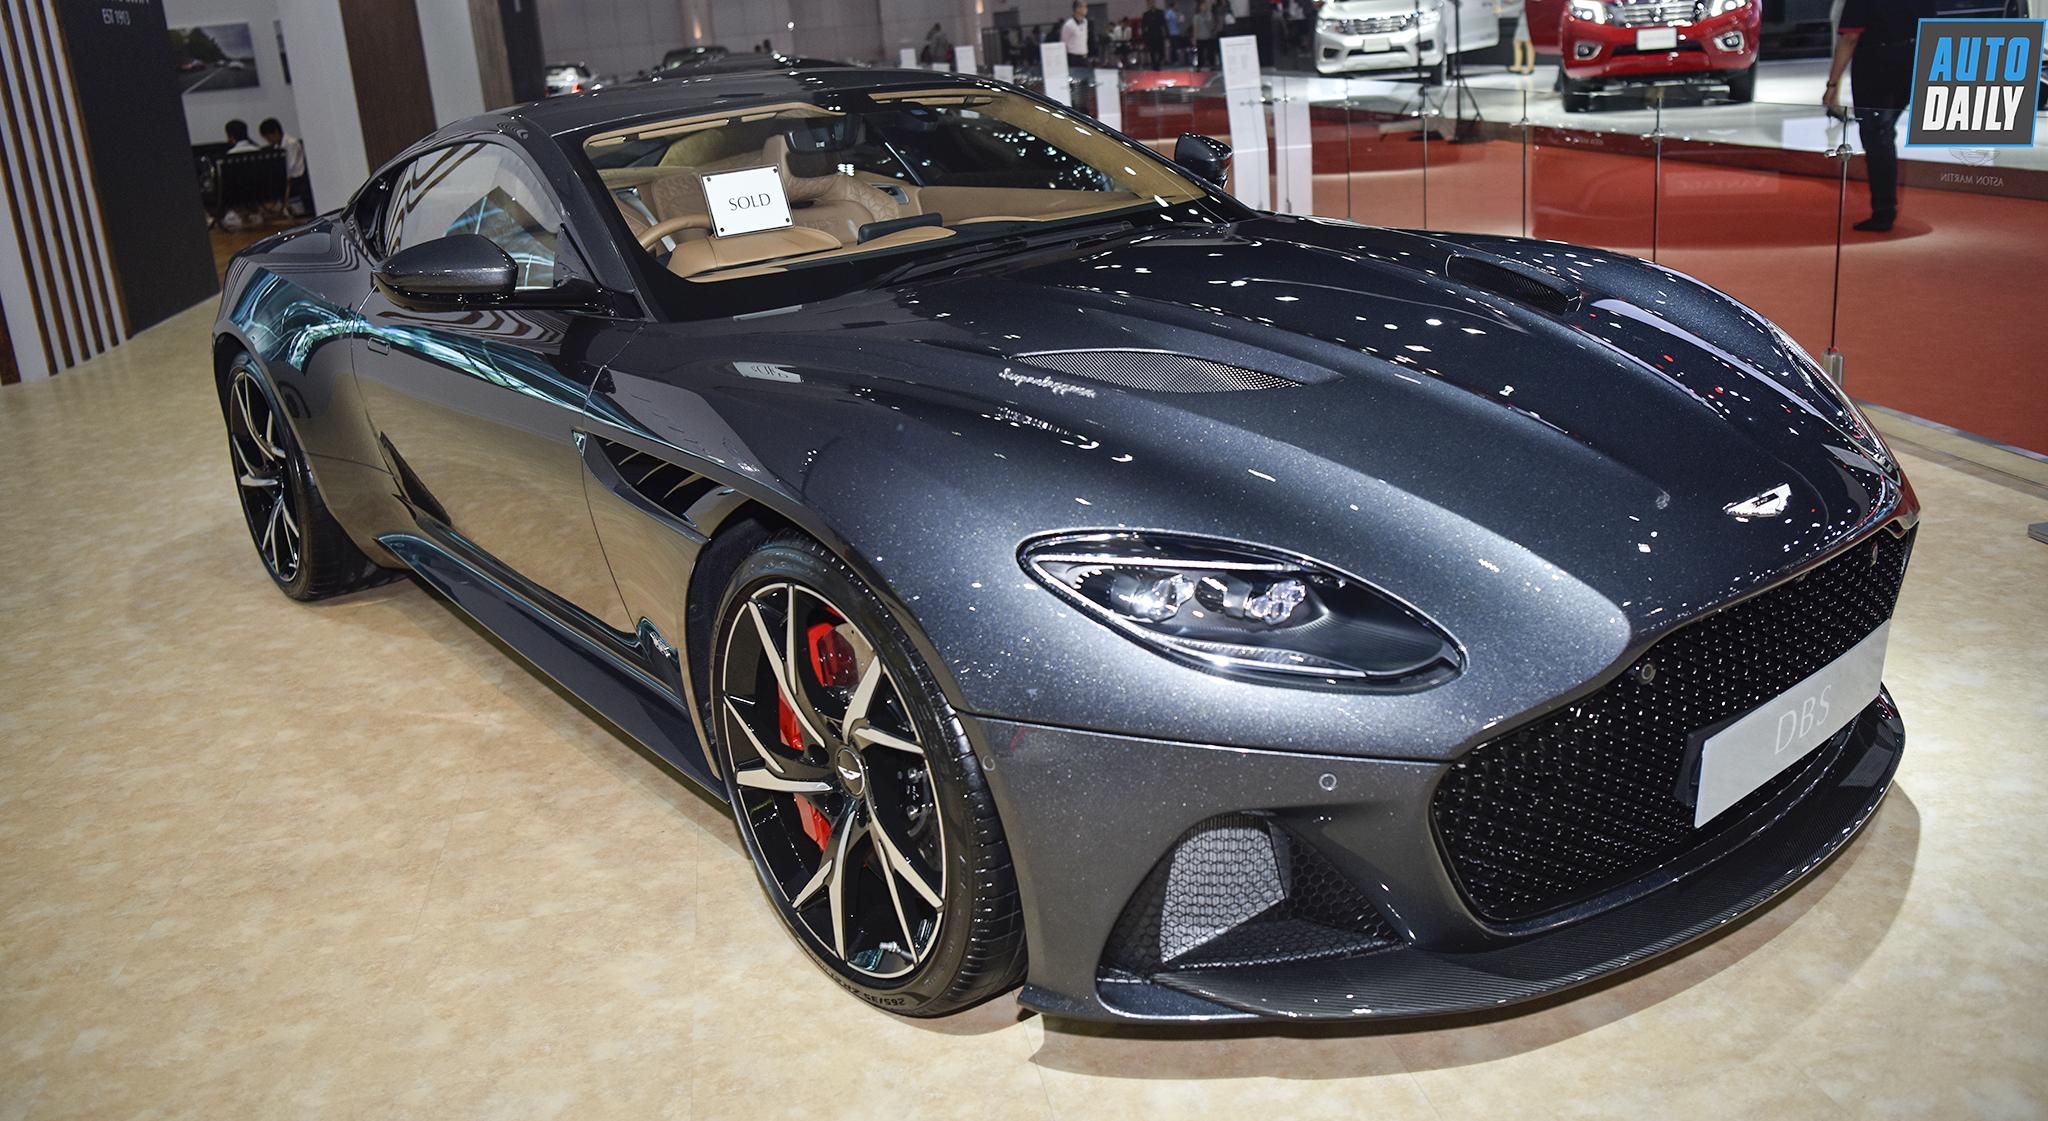 Chiêm ngưỡng siêu xe Aston Martin DBS Superleggera giá 21 tỷ tại Thái